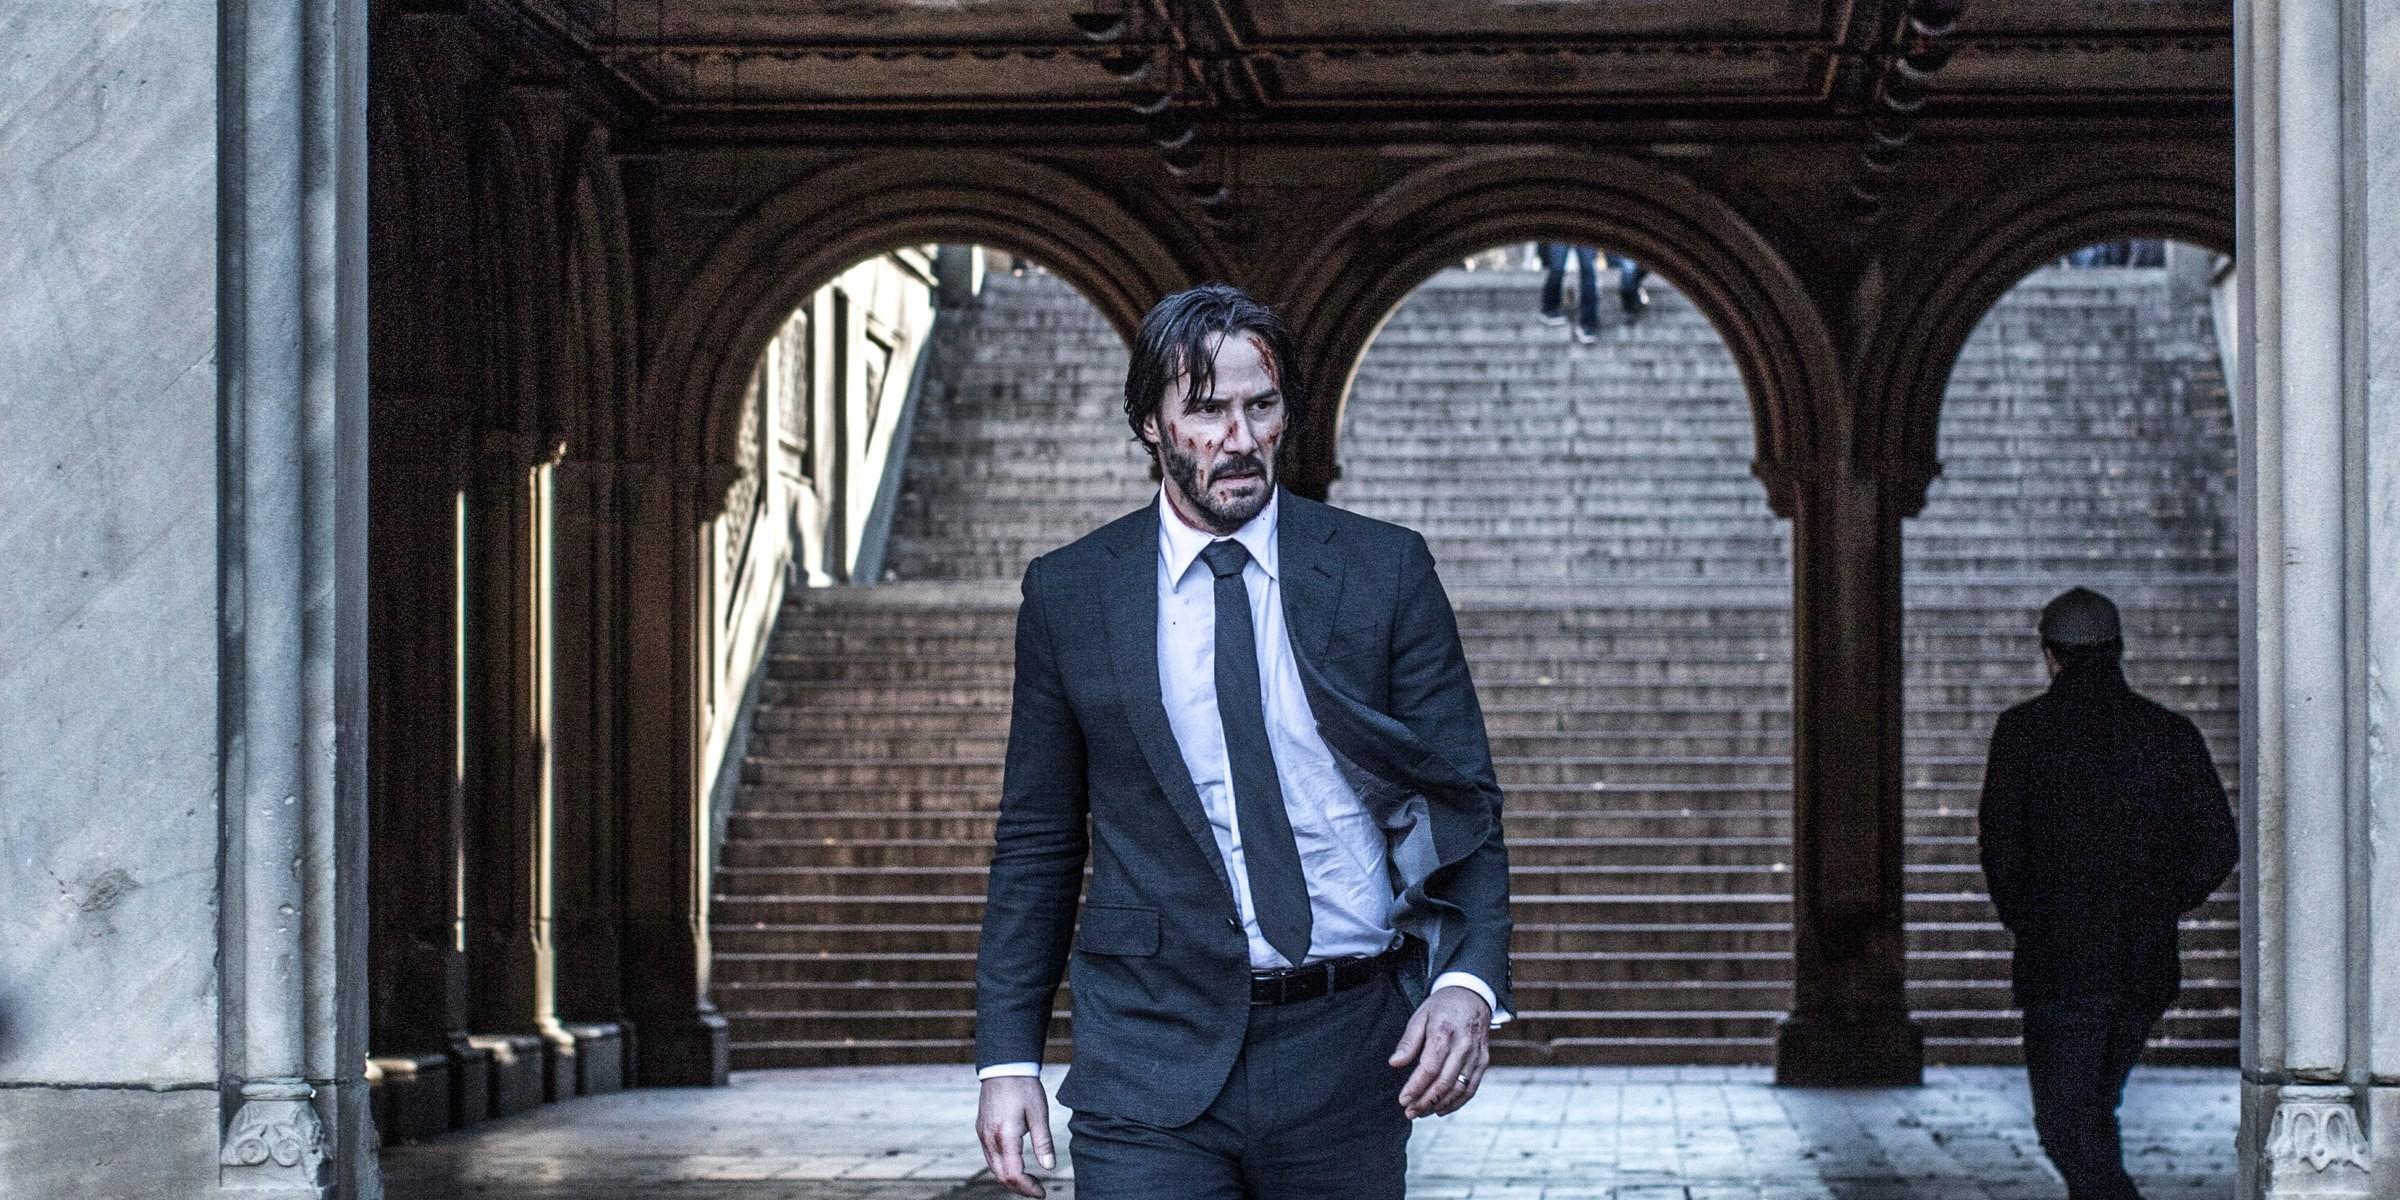 Keanu Reeves as John Wick in John Wick Chapter 2